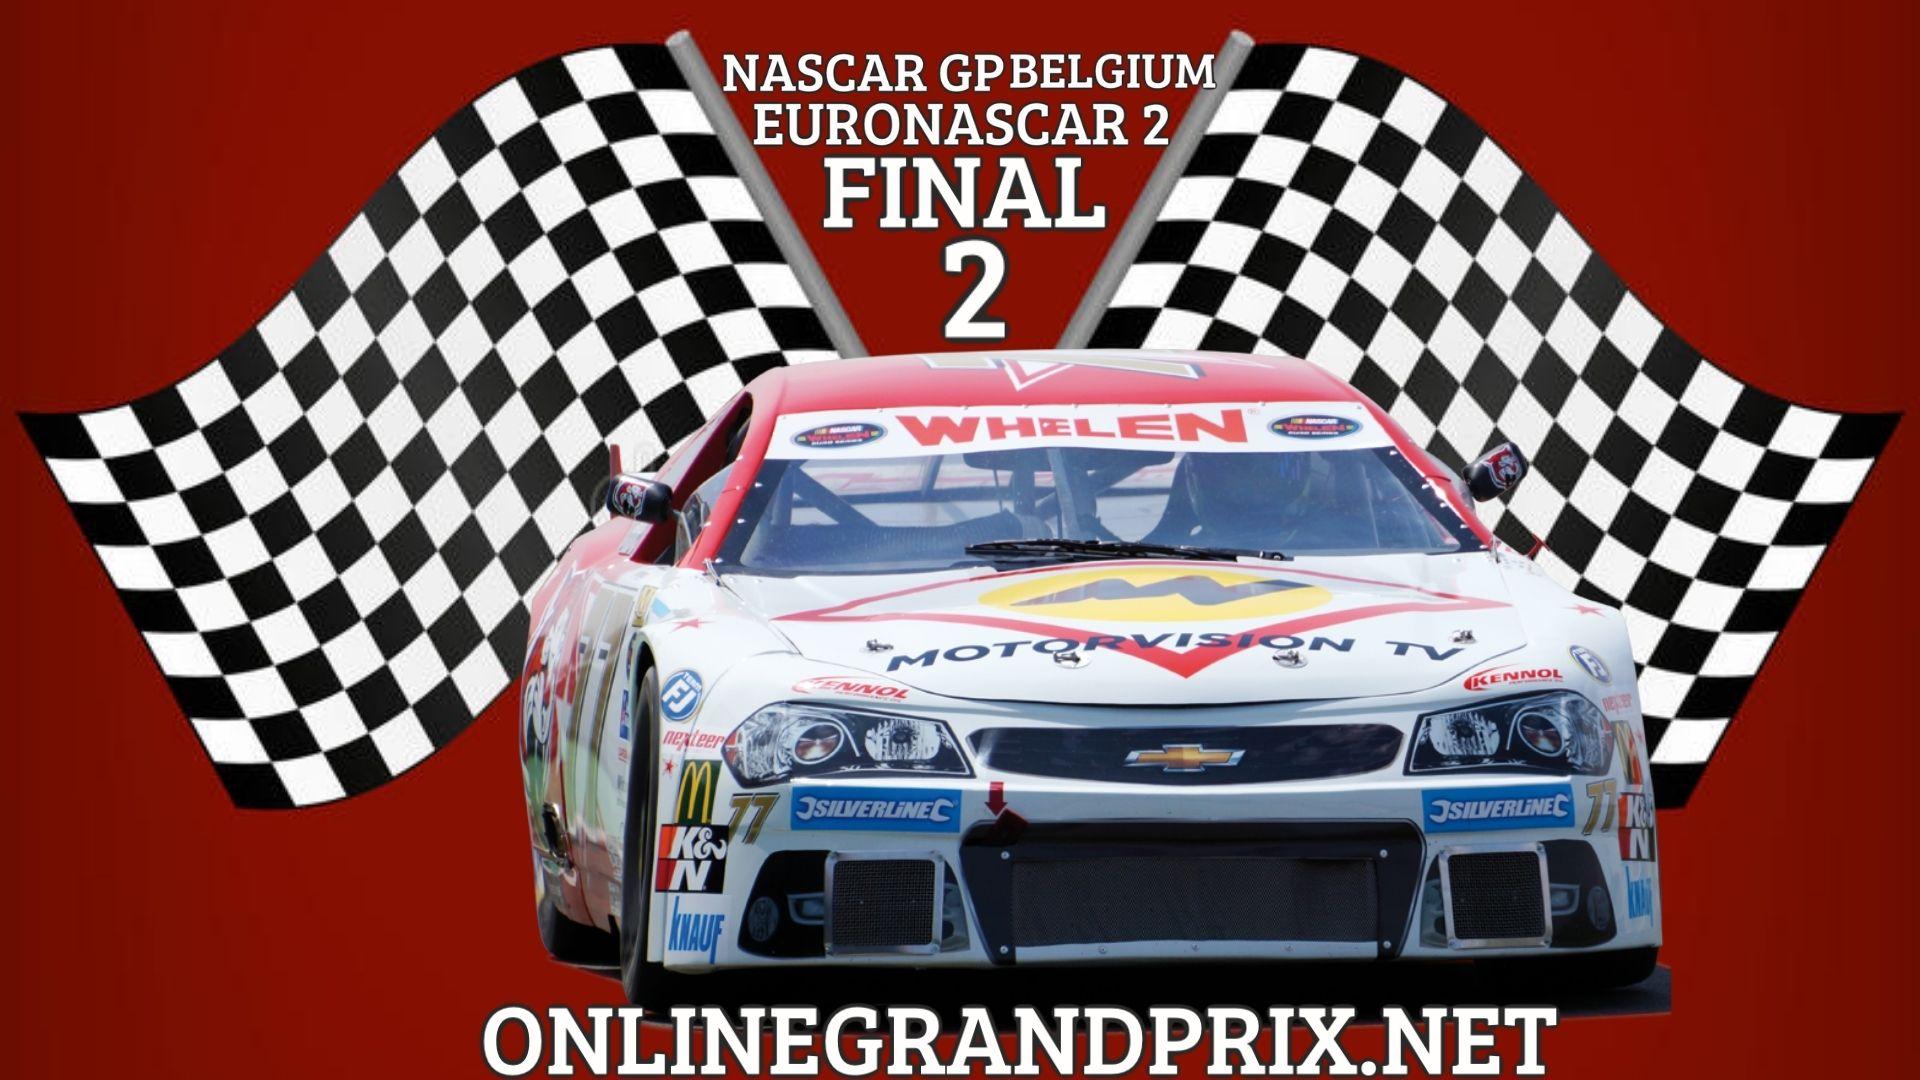 Belgium NASCAR GP Live Stream 2021 | Euro NASCAR 2 Final 2